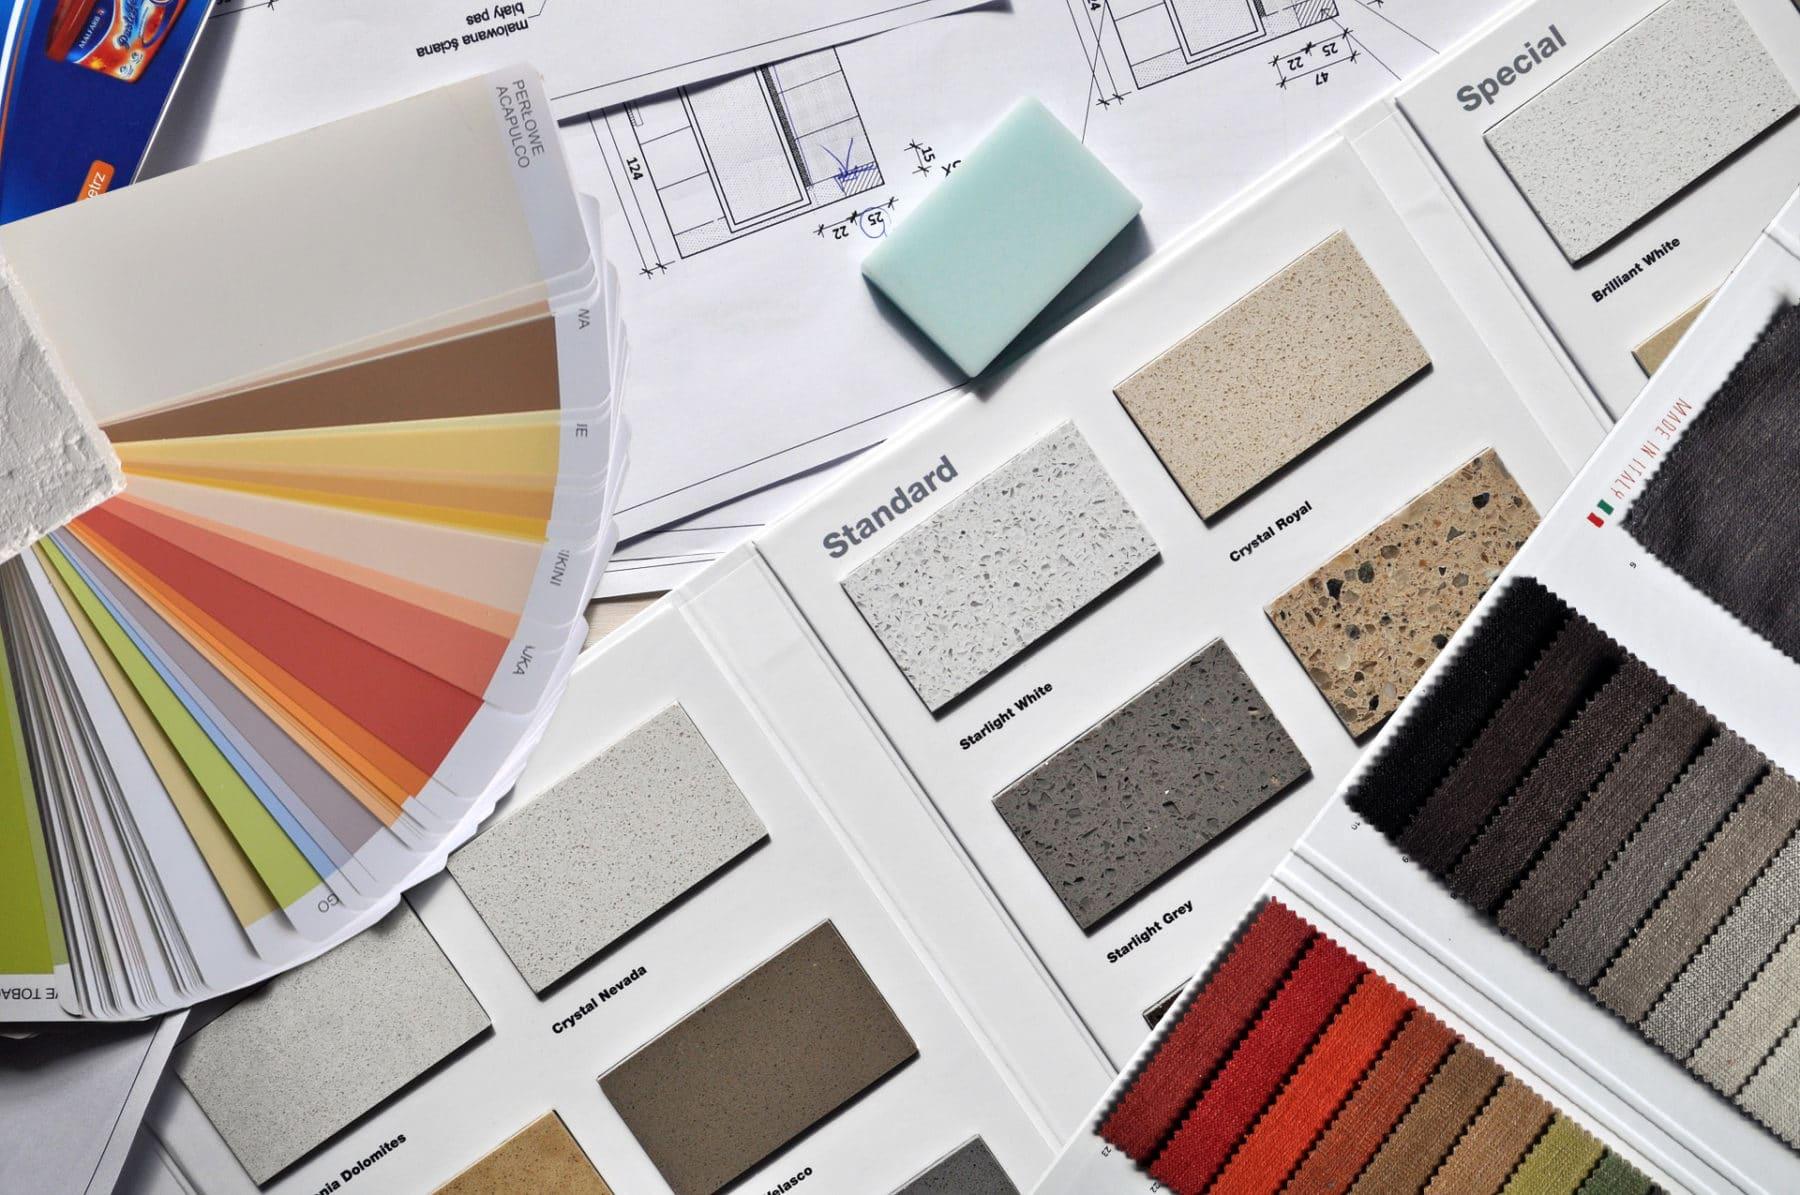 erste gemeinsame wohnung einrichten worauf sollen wir. Black Bedroom Furniture Sets. Home Design Ideas